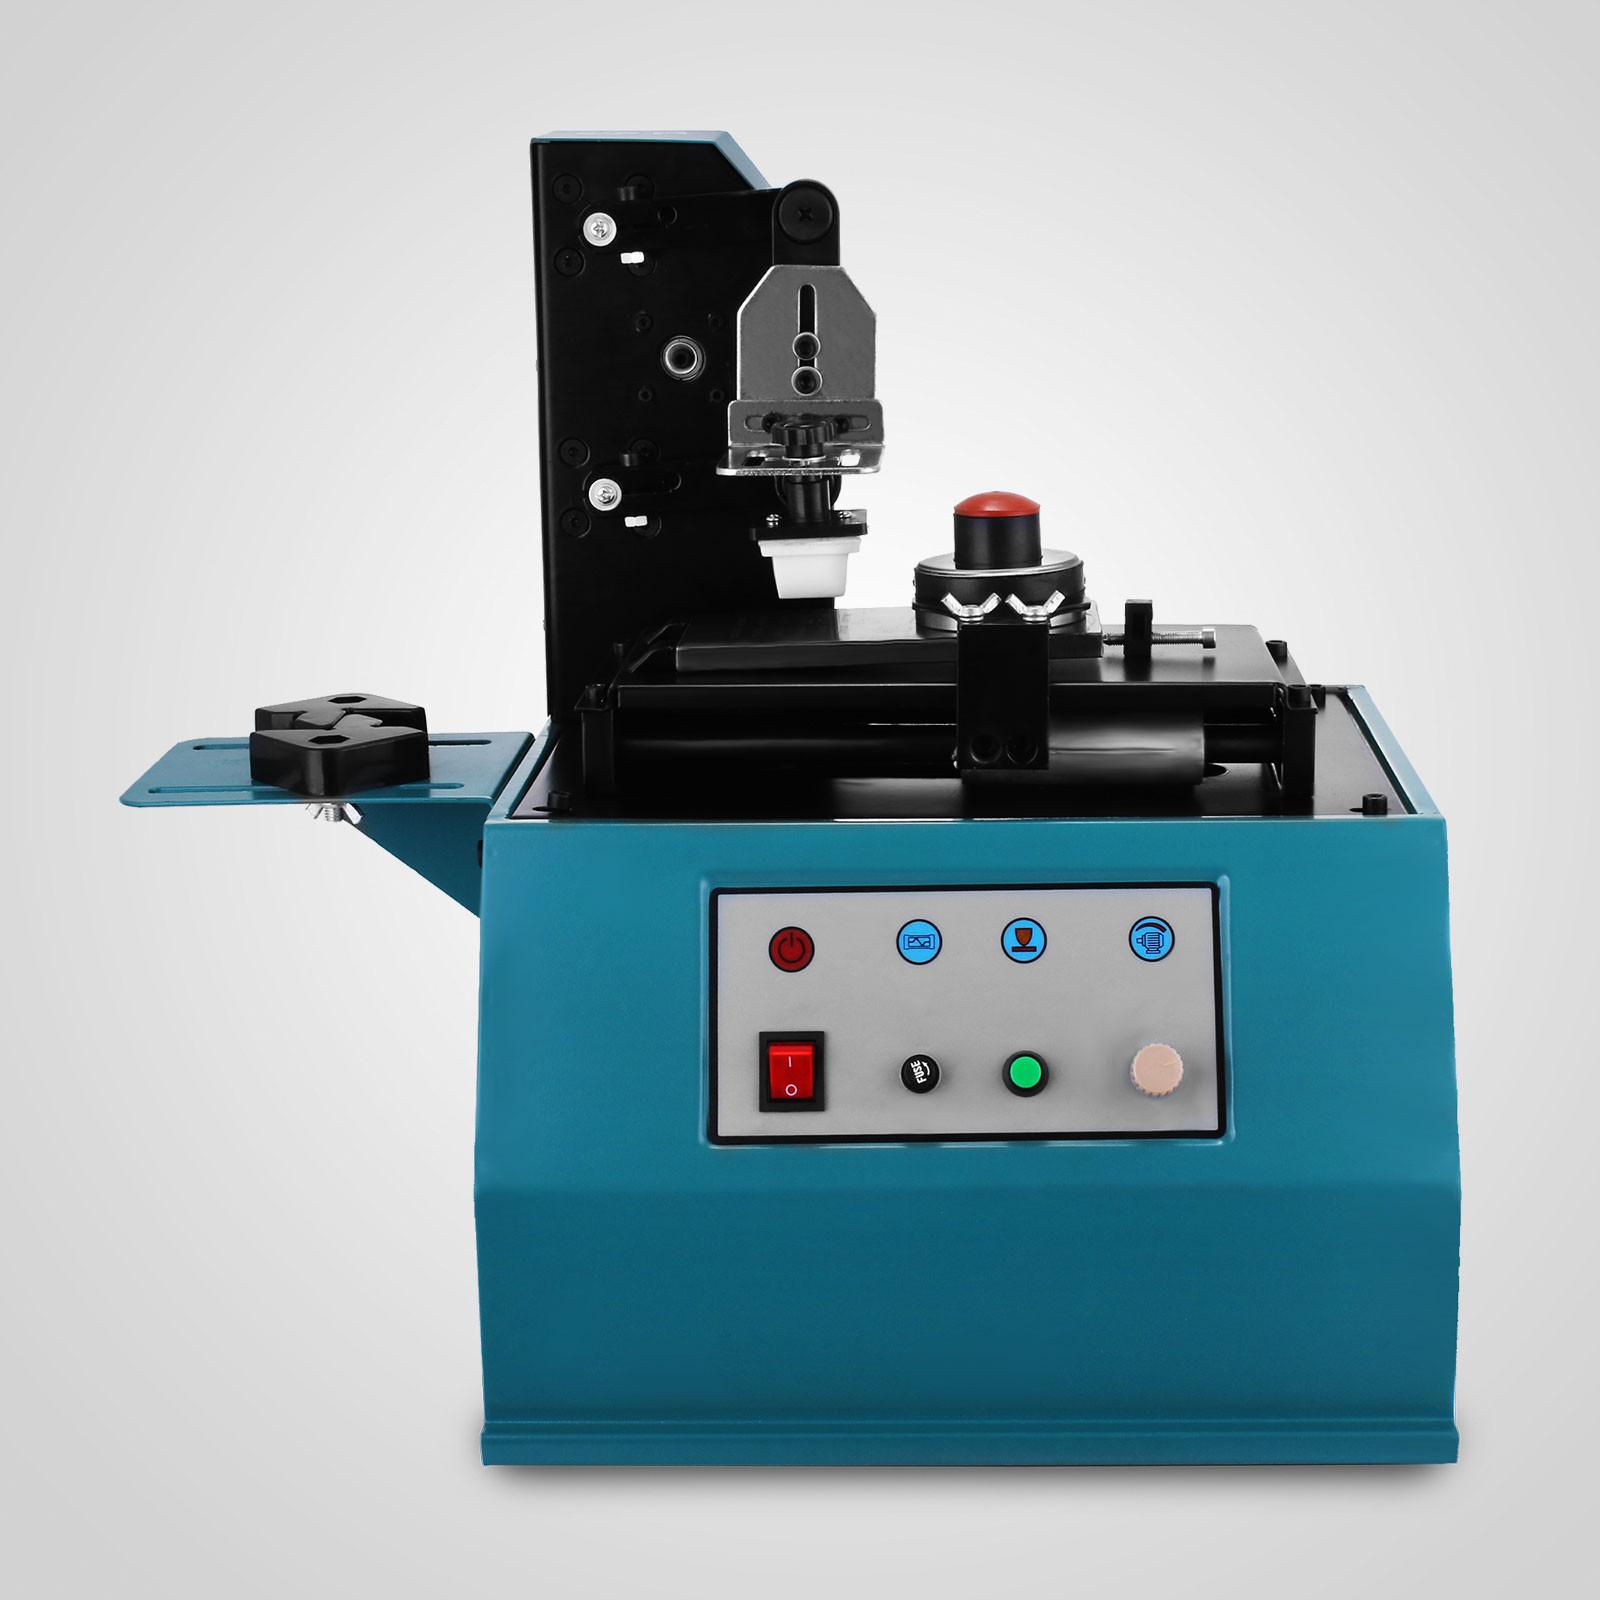 دستگاه تامپوی رومیزی - مارک زنی و چاپ رنگی روی قطعات